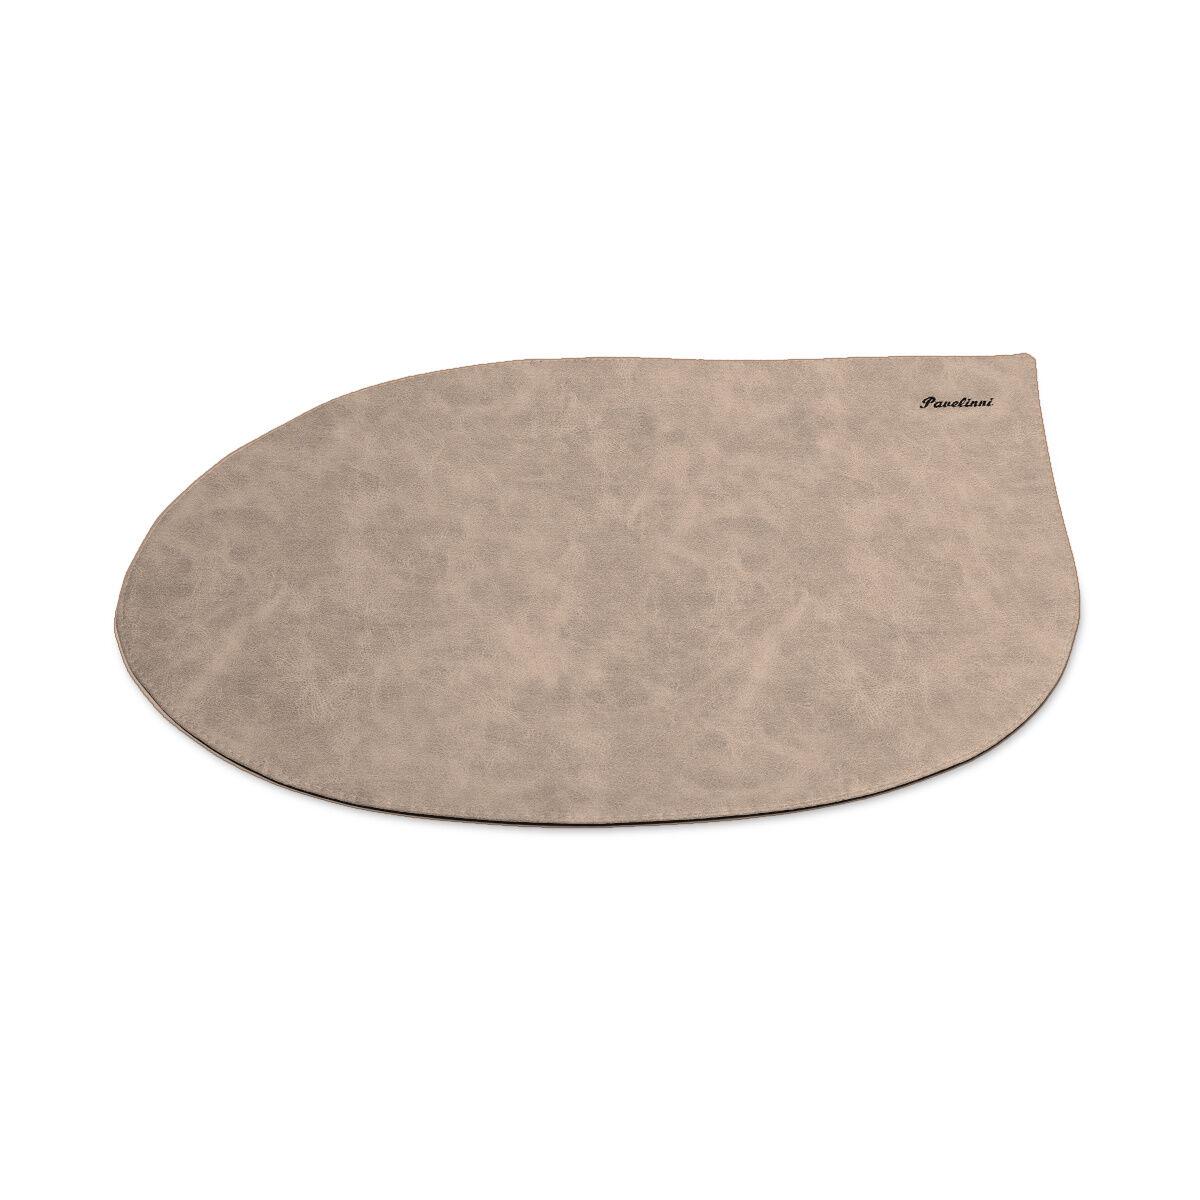 Pavelinni Set de Table Drop Vintage Cuir Rond 300x450mm Disponible en 8 Couleurs